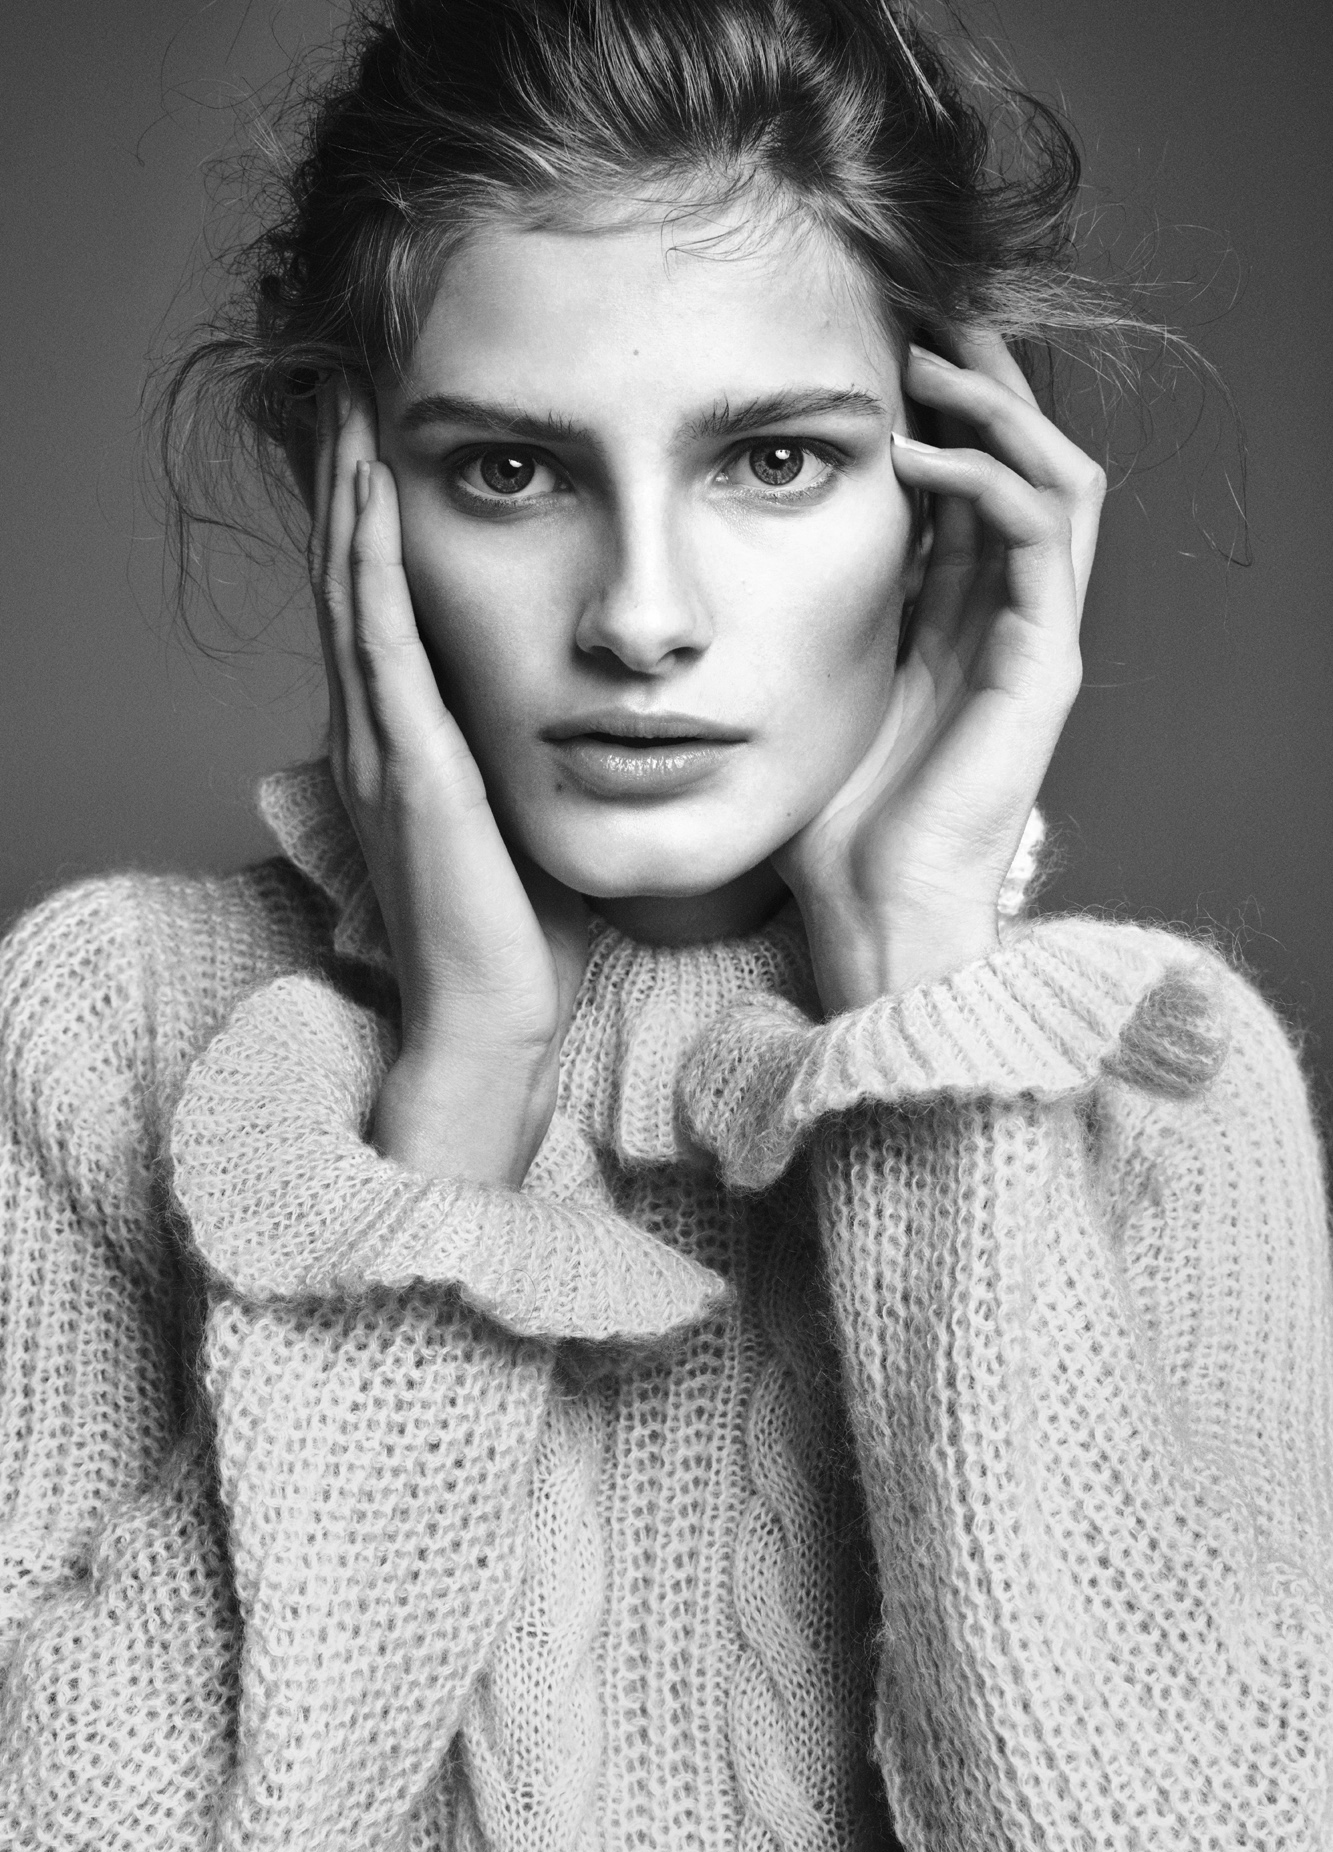 Elle Beauty41170.jpg